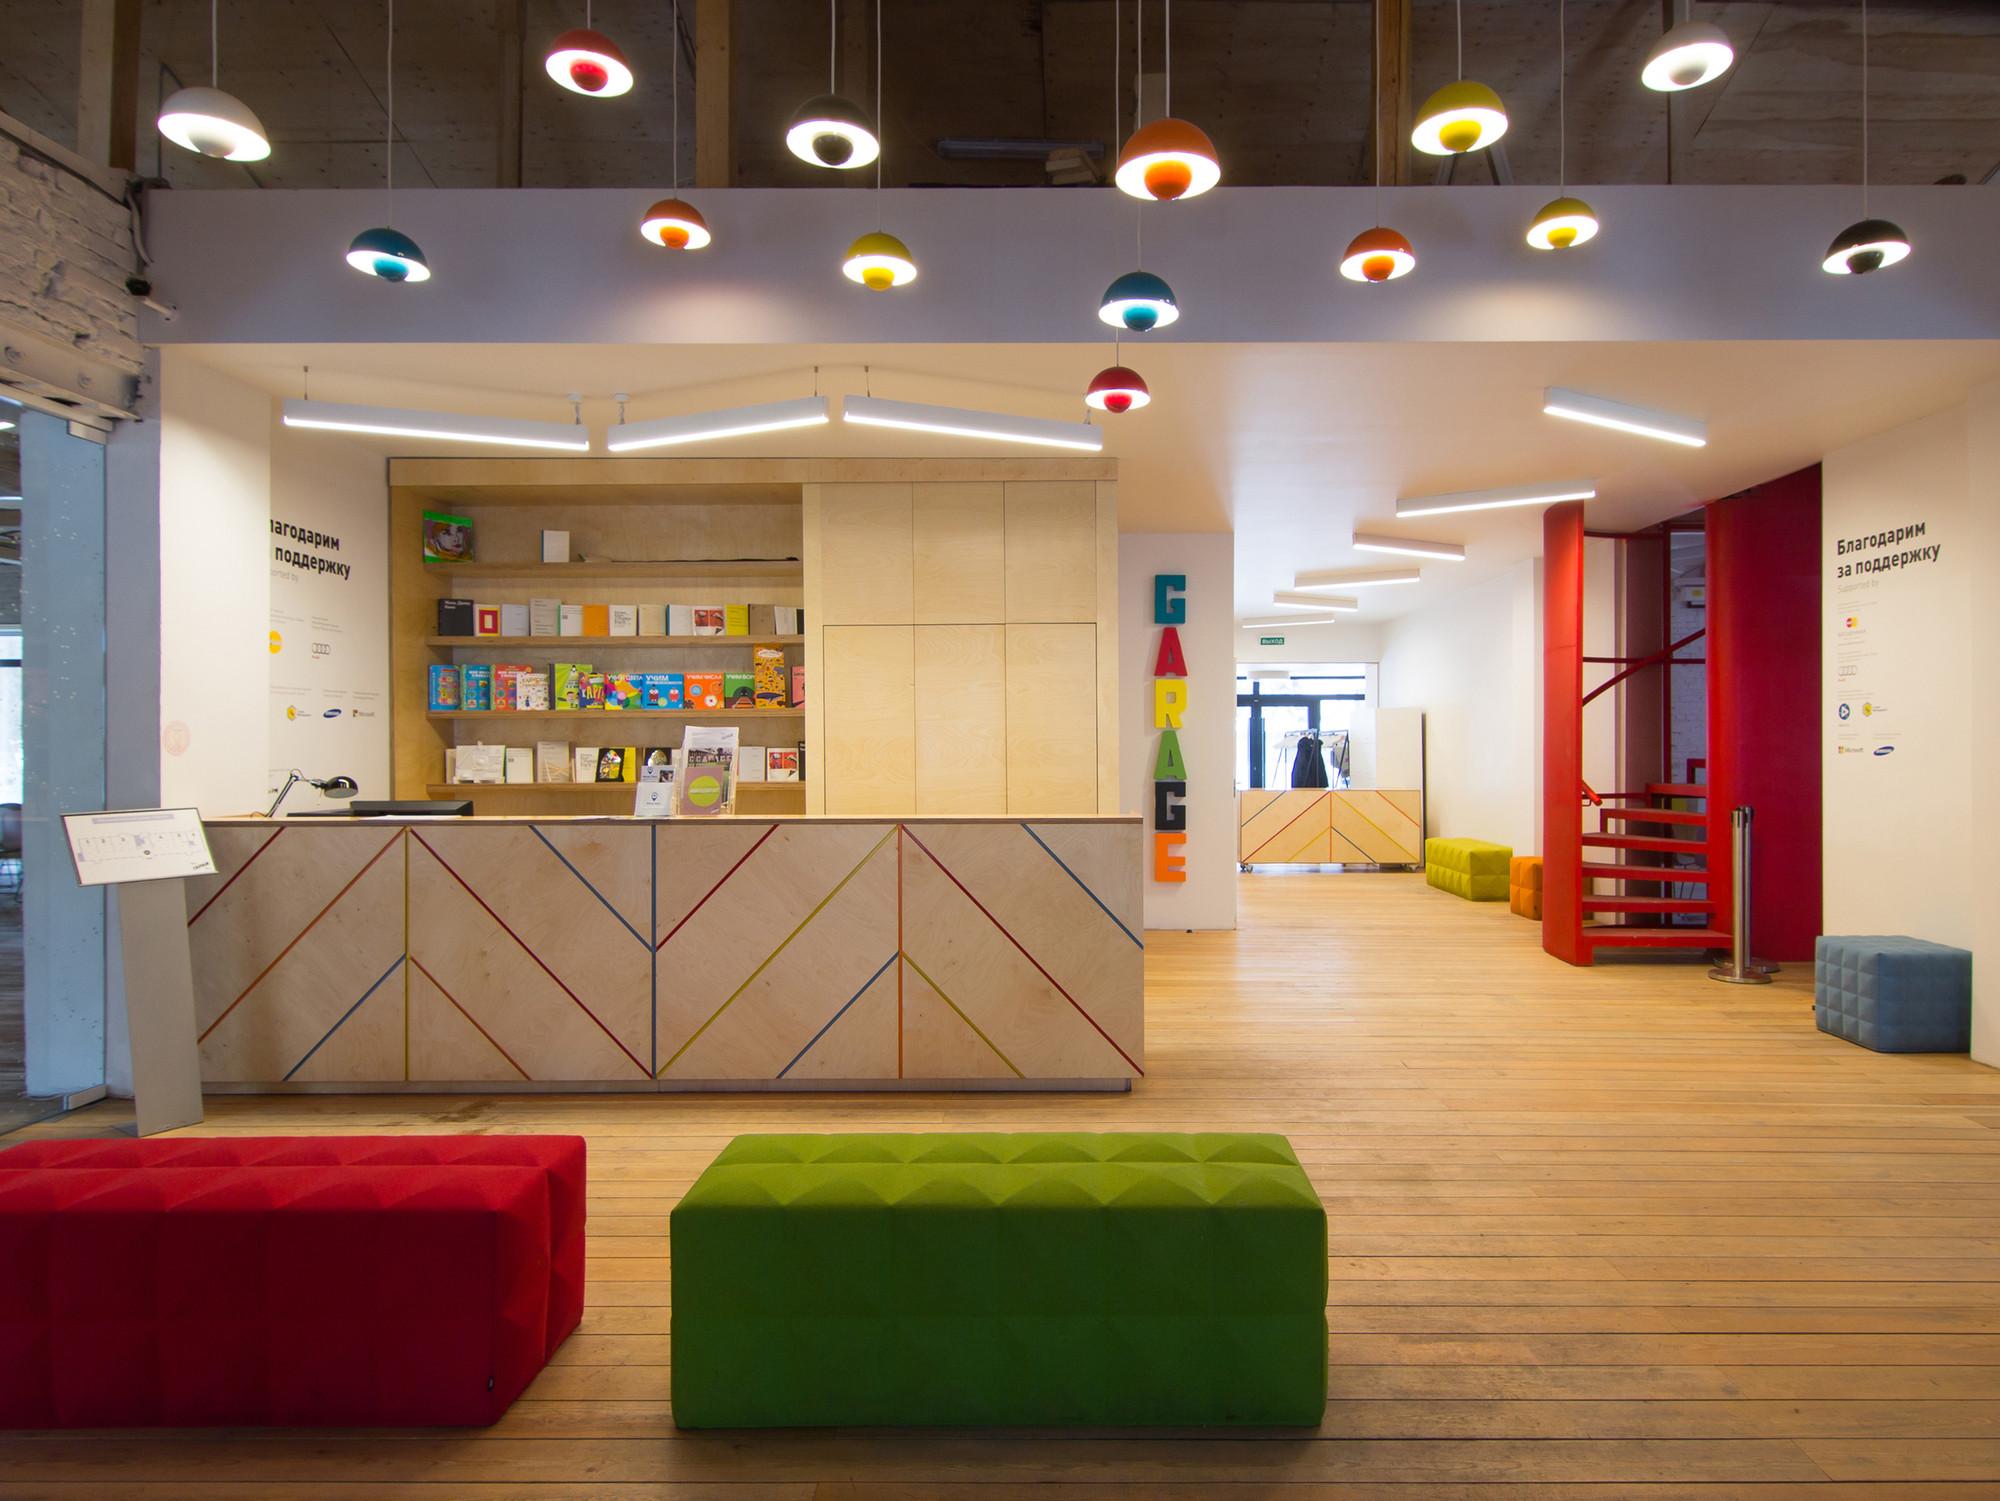 gallery of garage ccc education center form bureau 6. Black Bedroom Furniture Sets. Home Design Ideas